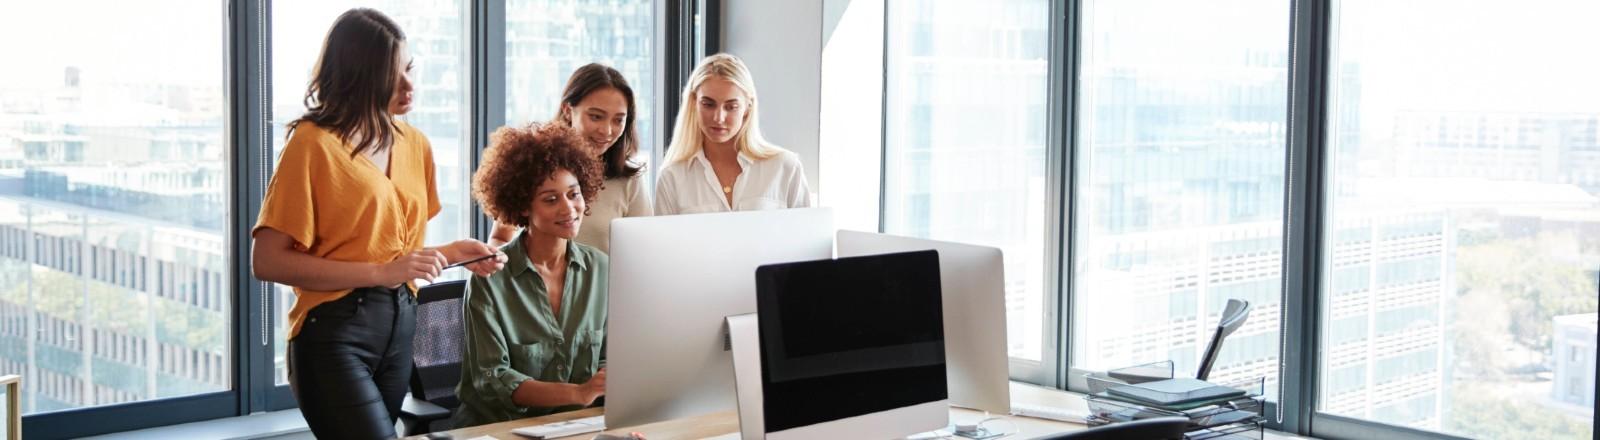 Ein Team junger Frauen bei der Arbeit.